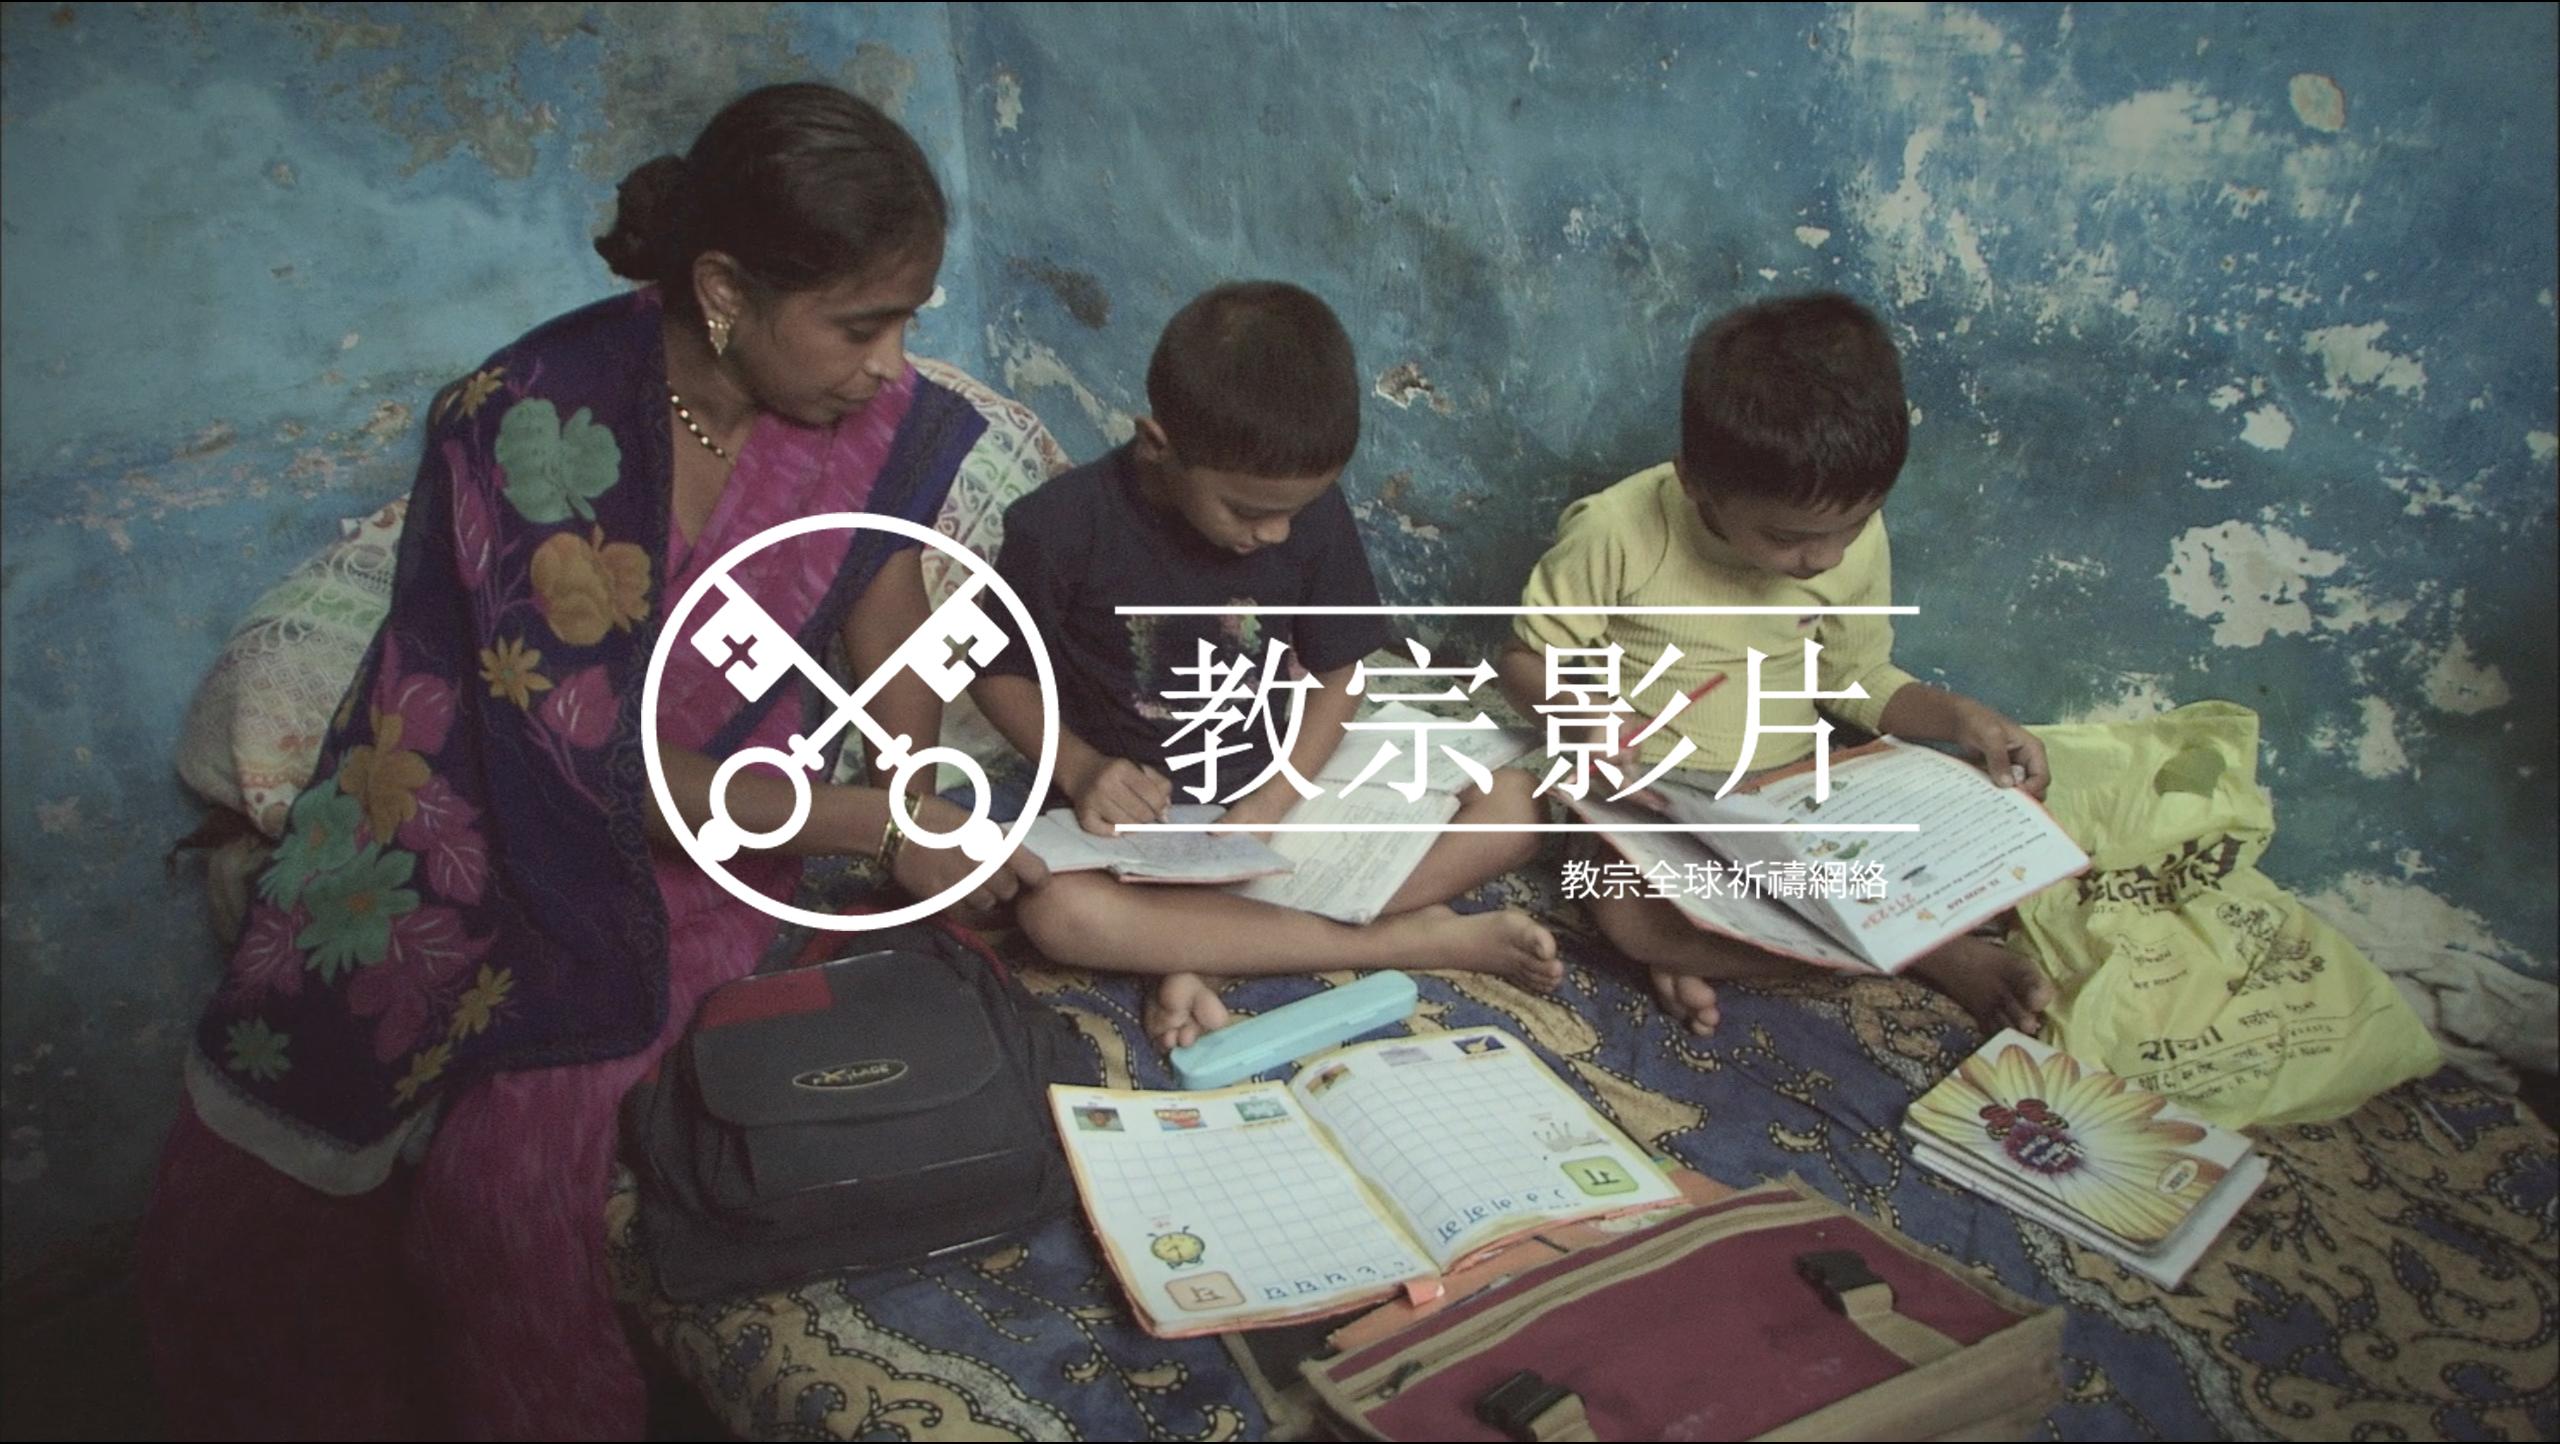 行軍 : 為在困境中的家庭與兒童